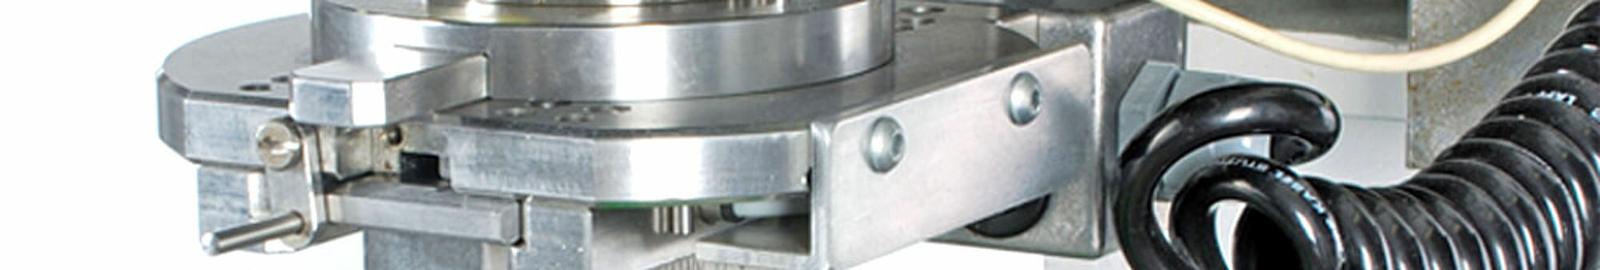 Titelbild Verarbeitungsmaschinen werkzeuge 2000px Breite